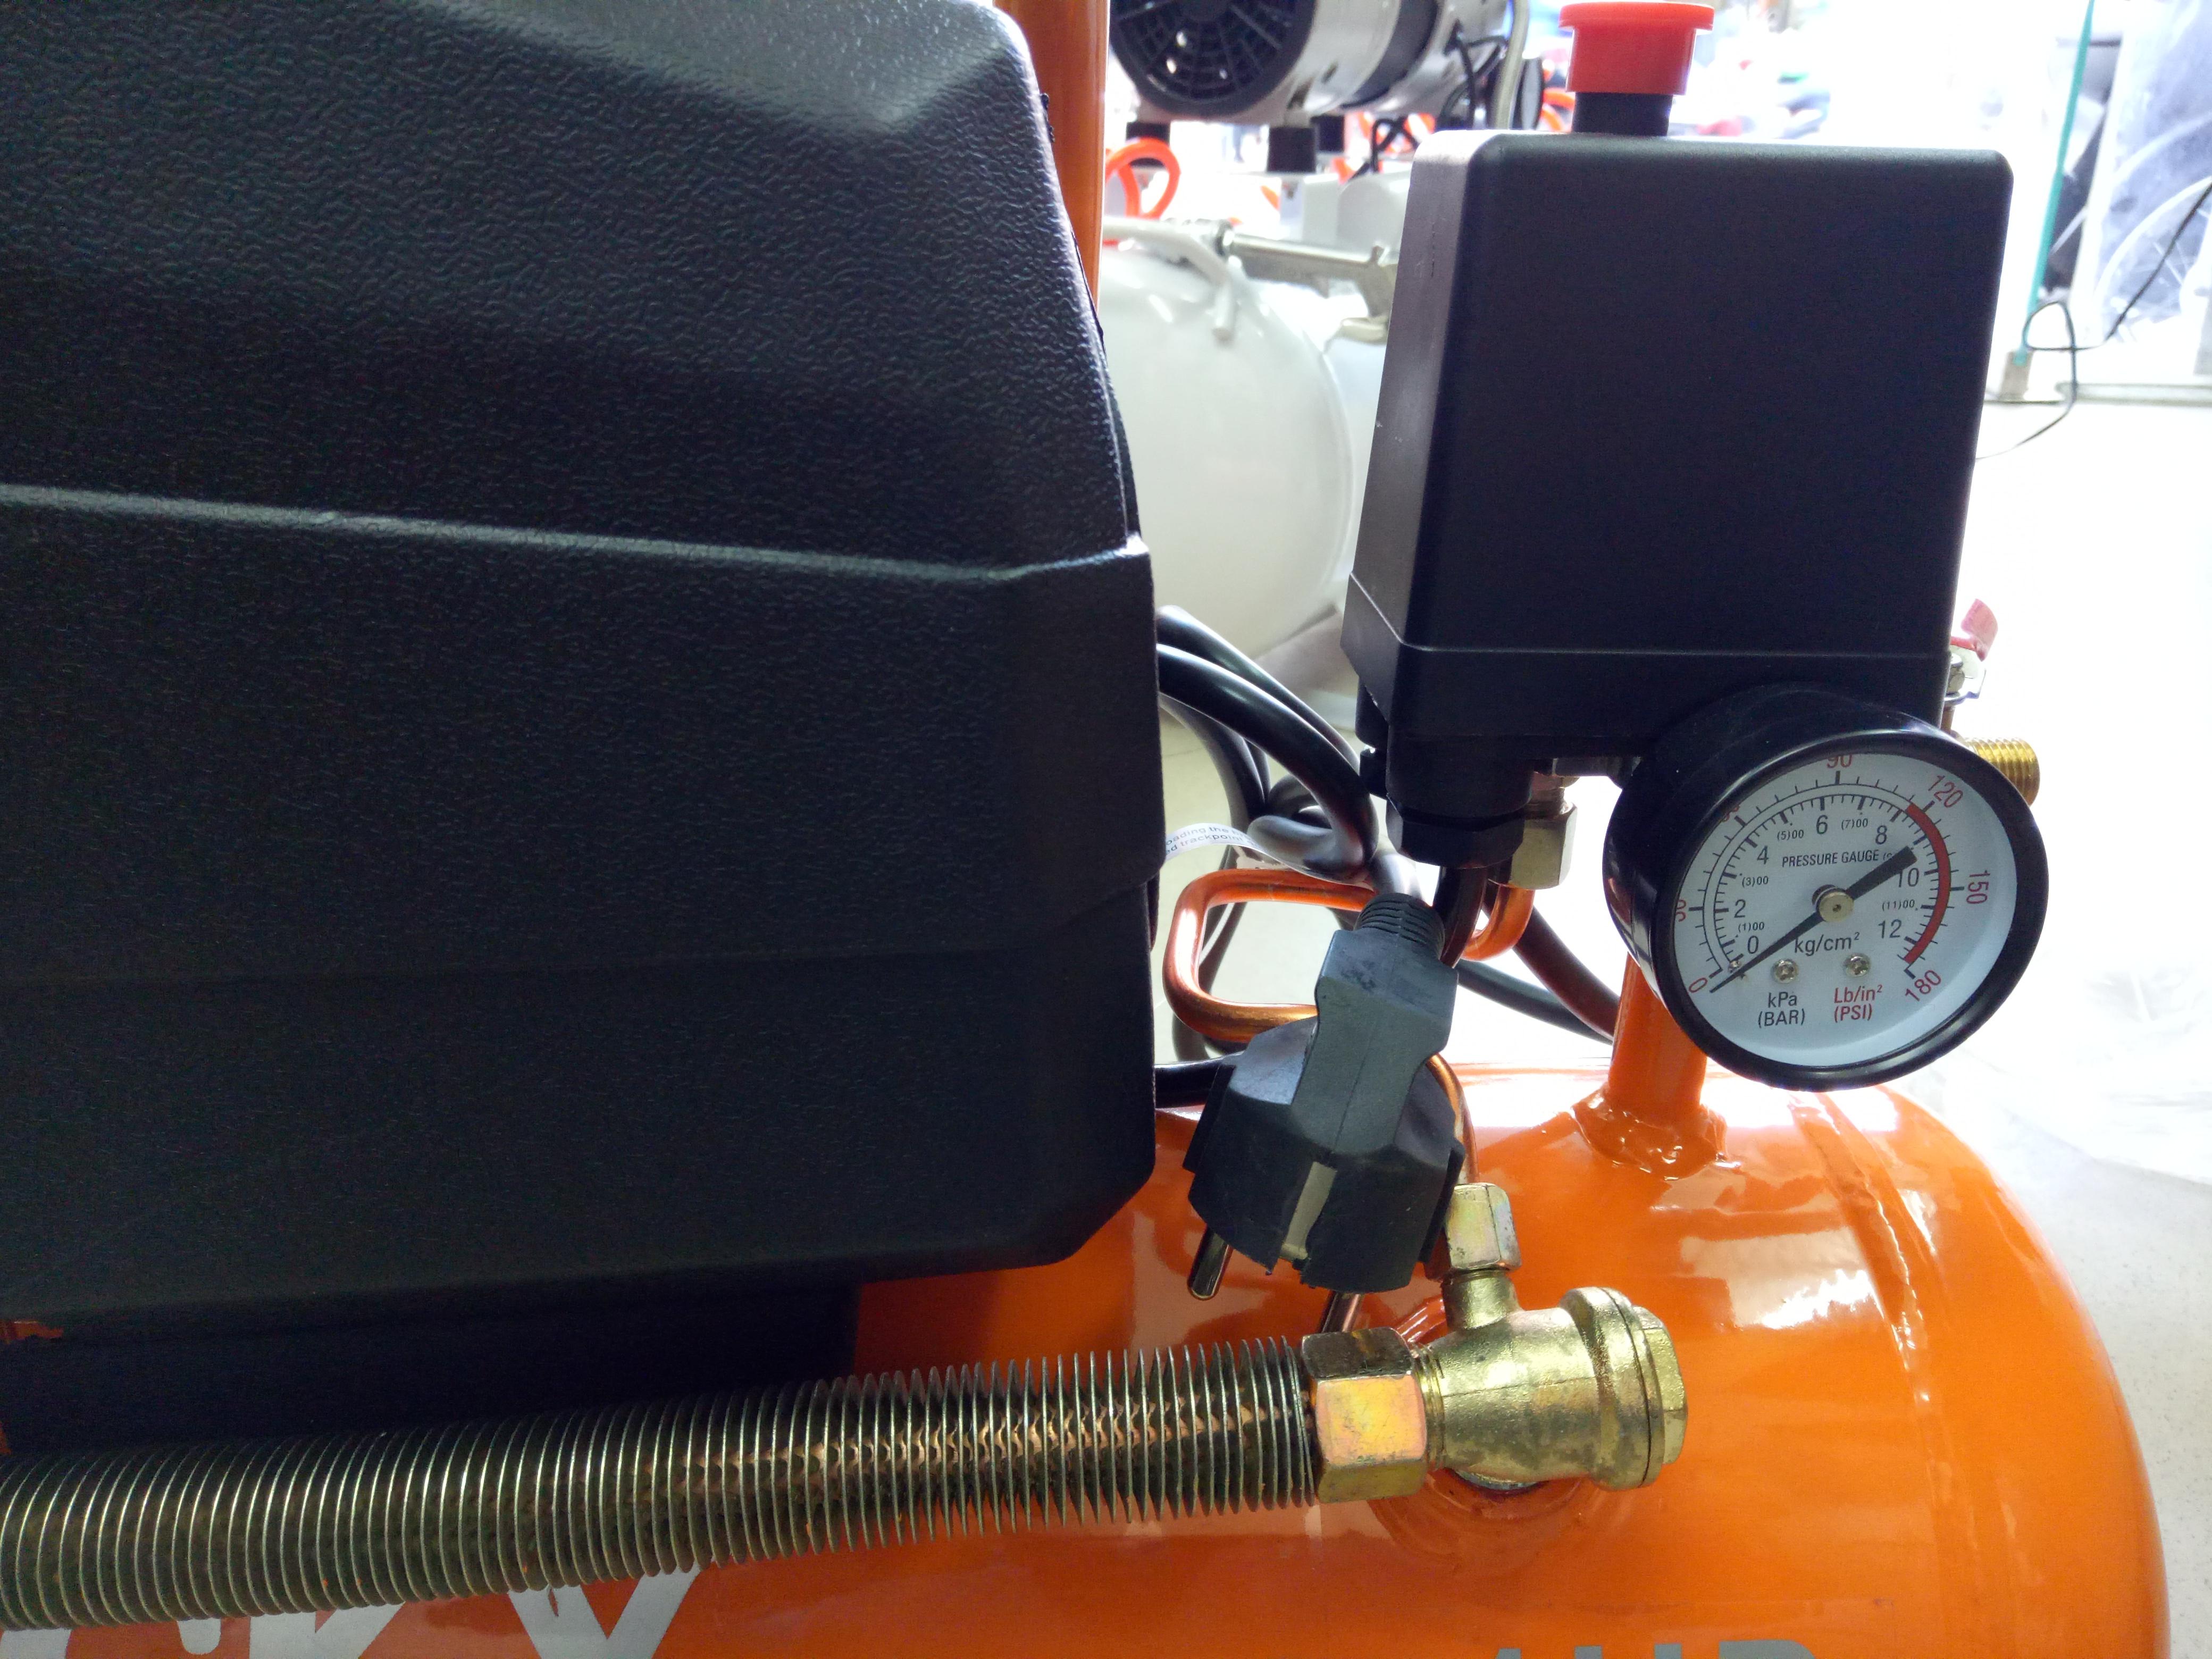 đồng hồ máy nén khí mini 9lit